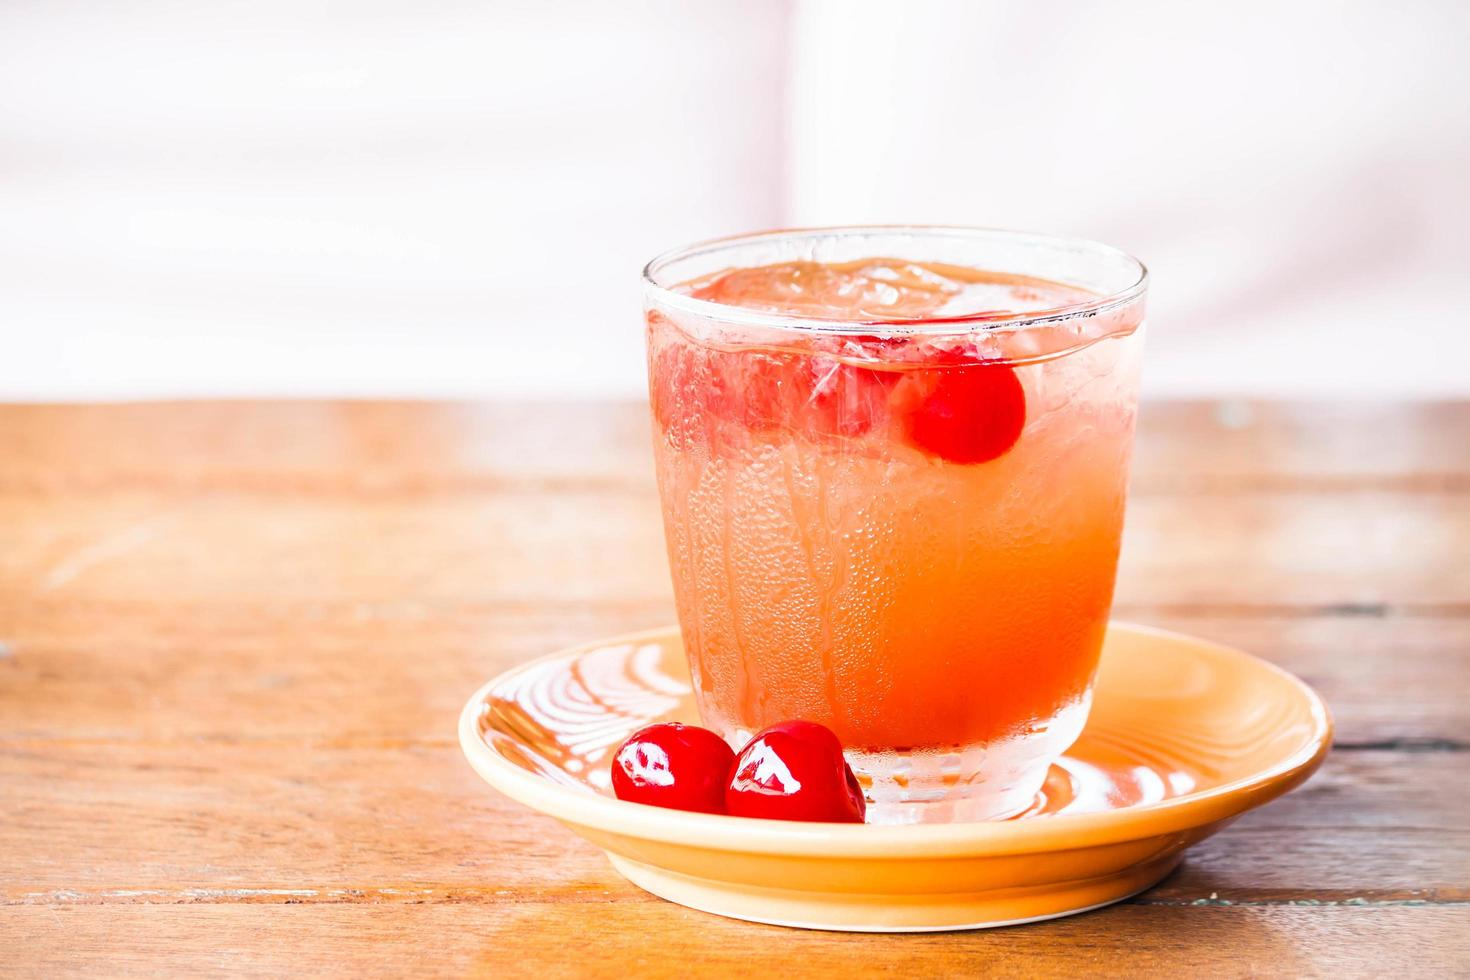 refrigerante gelado com cerejas foto